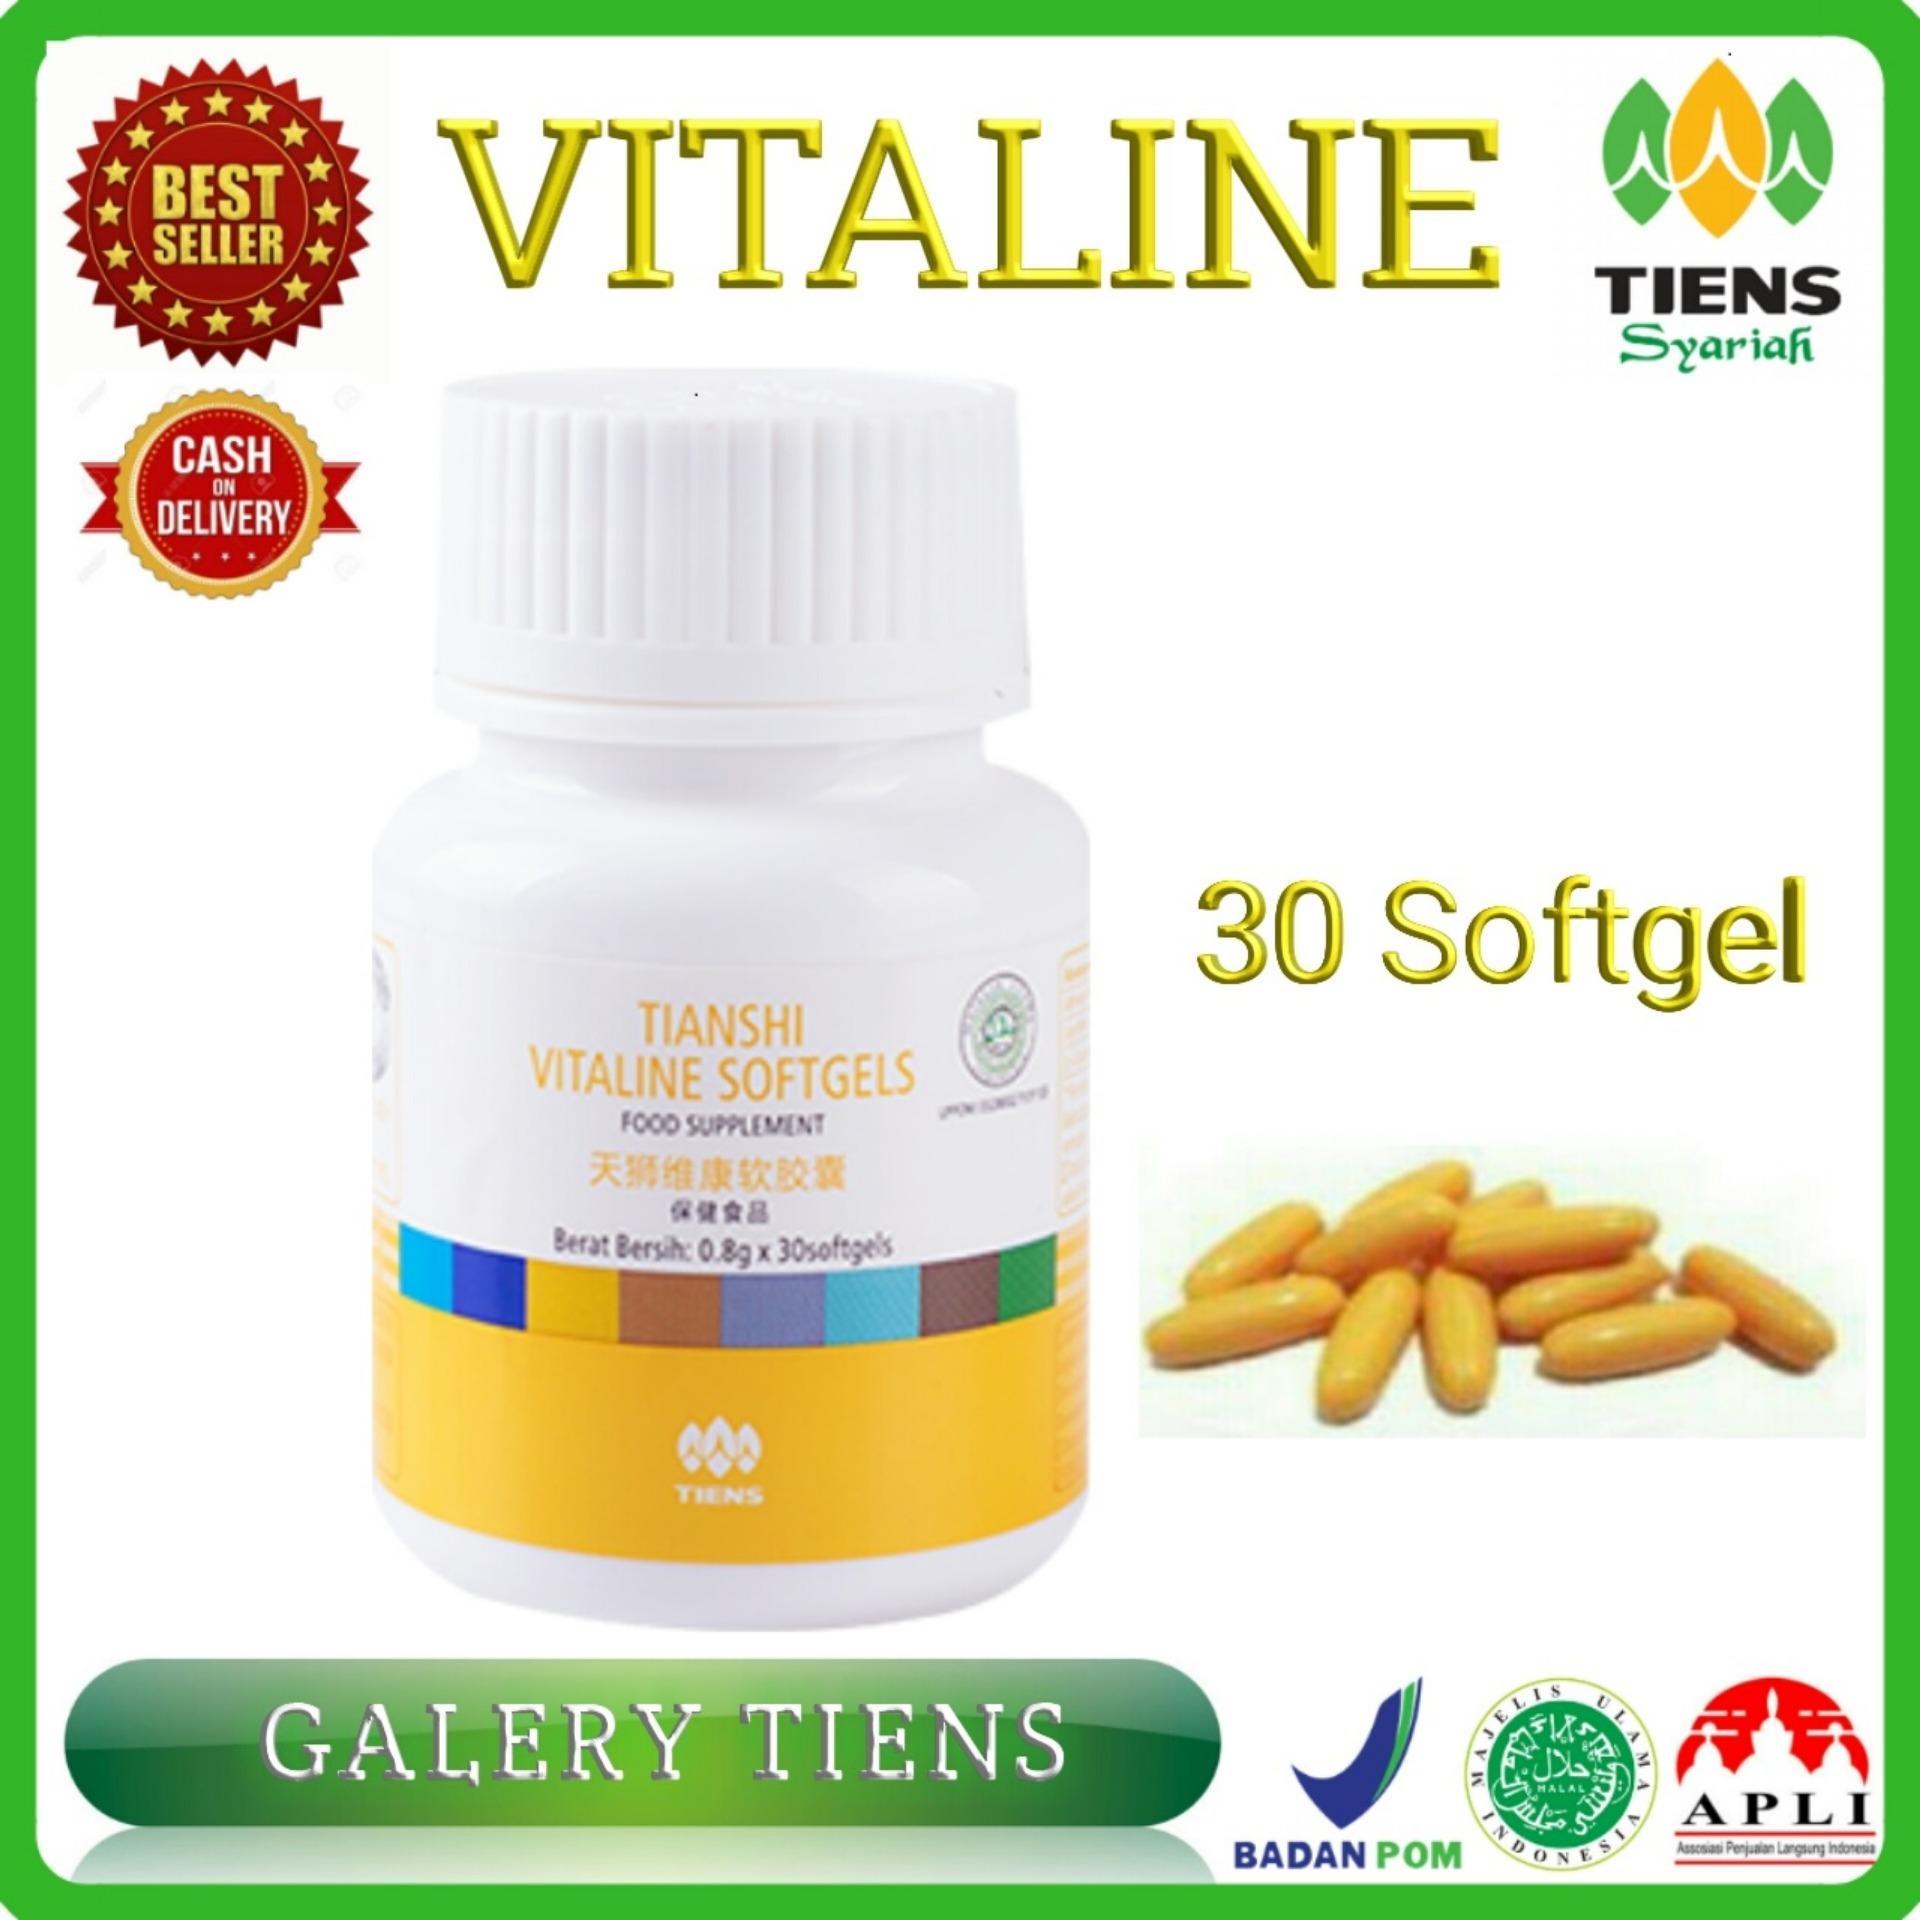 Suplemen Pemutih Badan Alami Dari Dalam Tubuh Vitaline By Galery Tiens By Galery Tiens